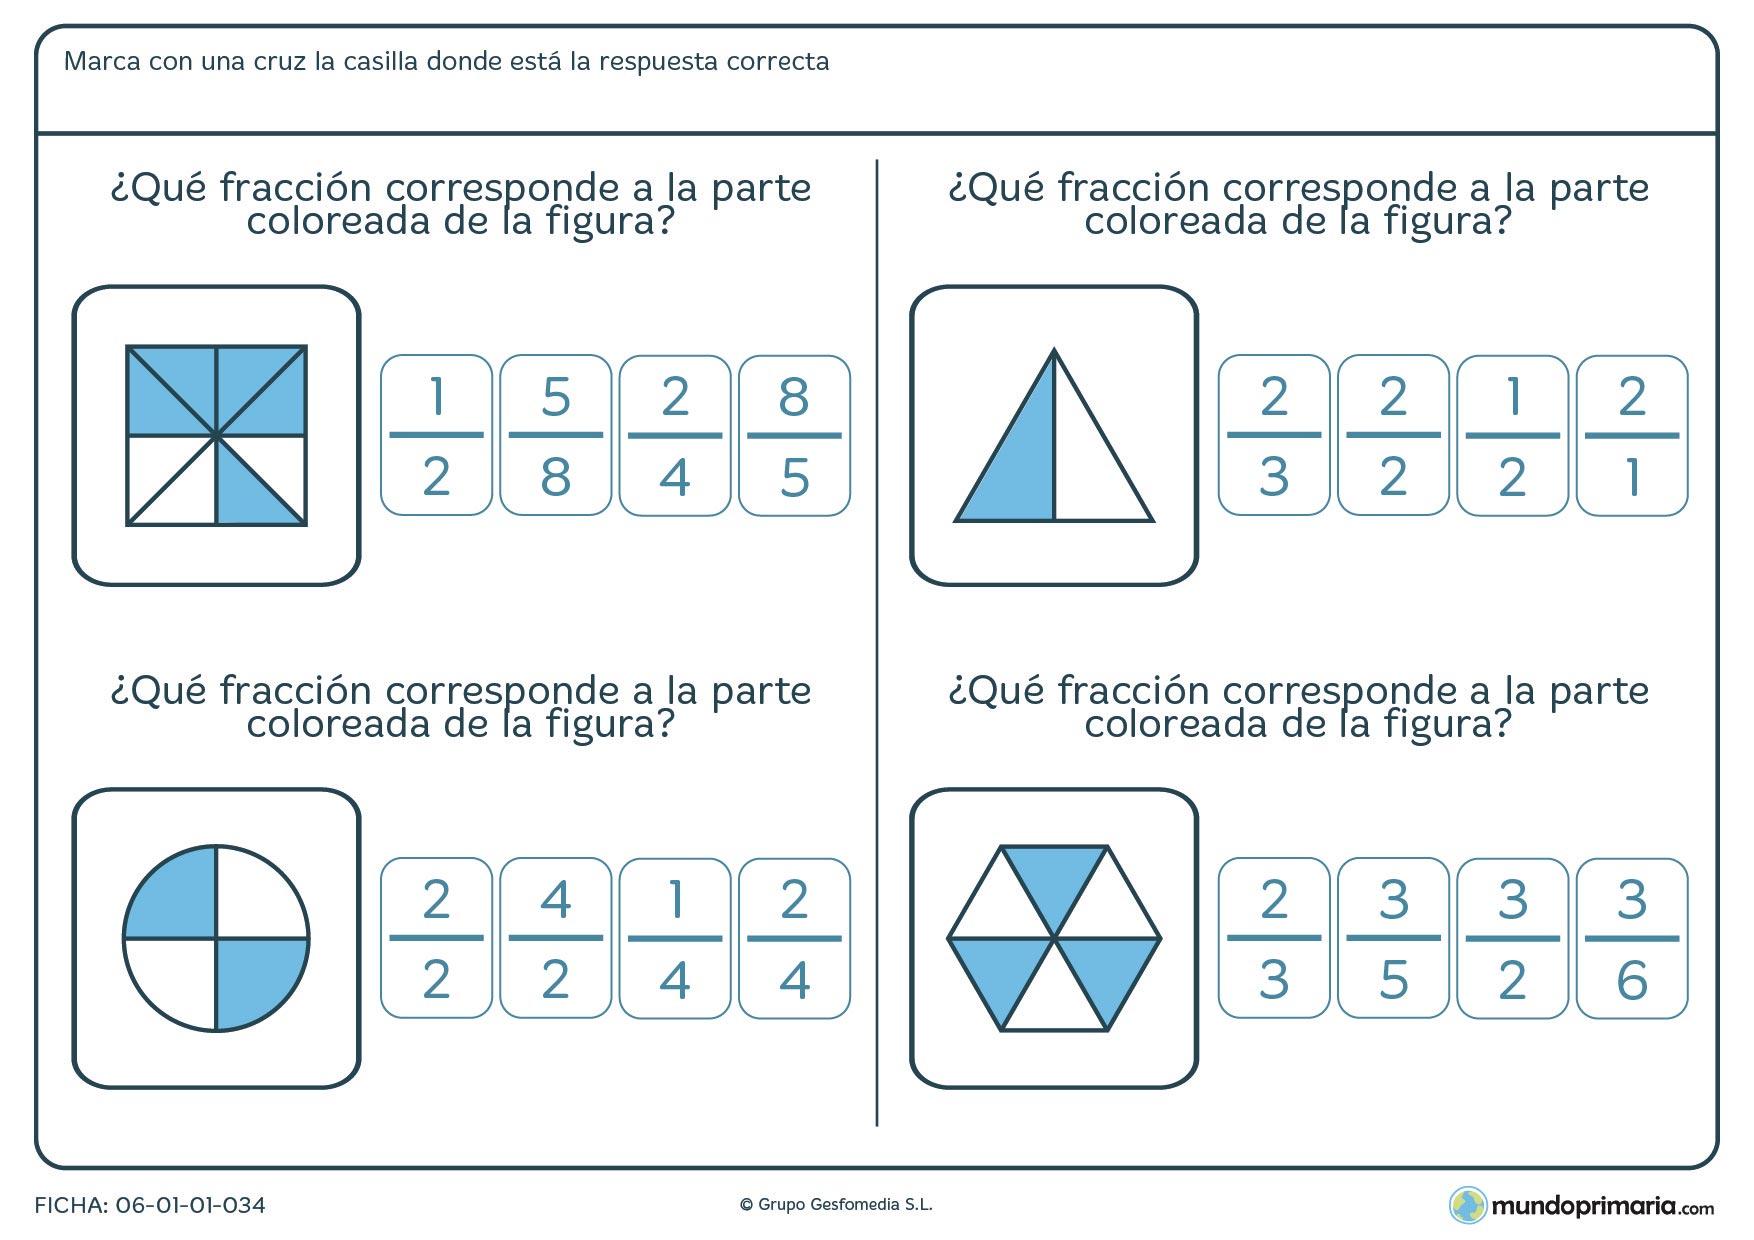 Ficha consistente en relacionar la parte coloreada de las distintas figuras con una de las fracciones que se proponen